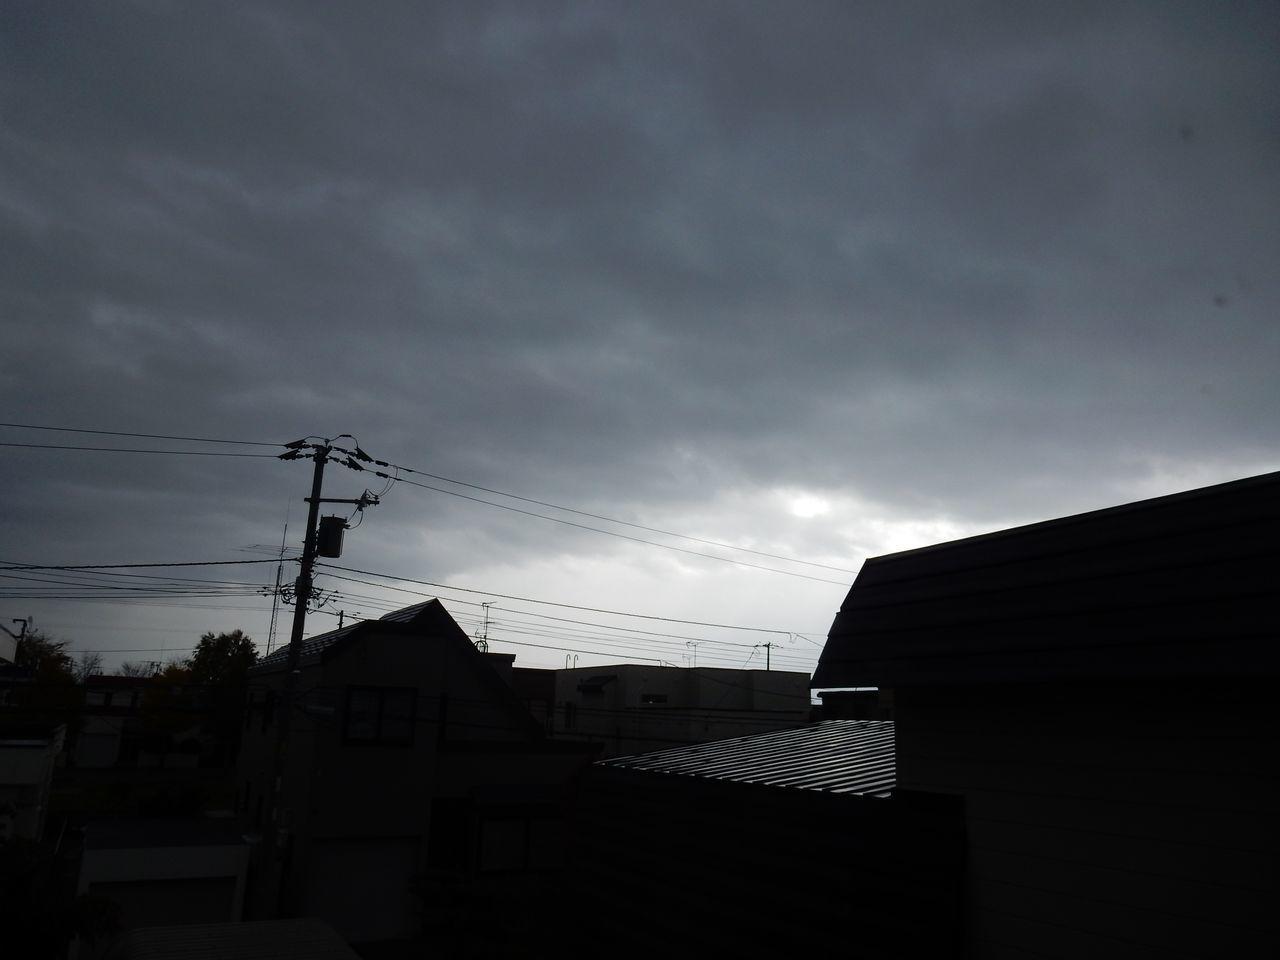 暗めの一日 気温はそれほど低くなく_c0025115_22165033.jpg